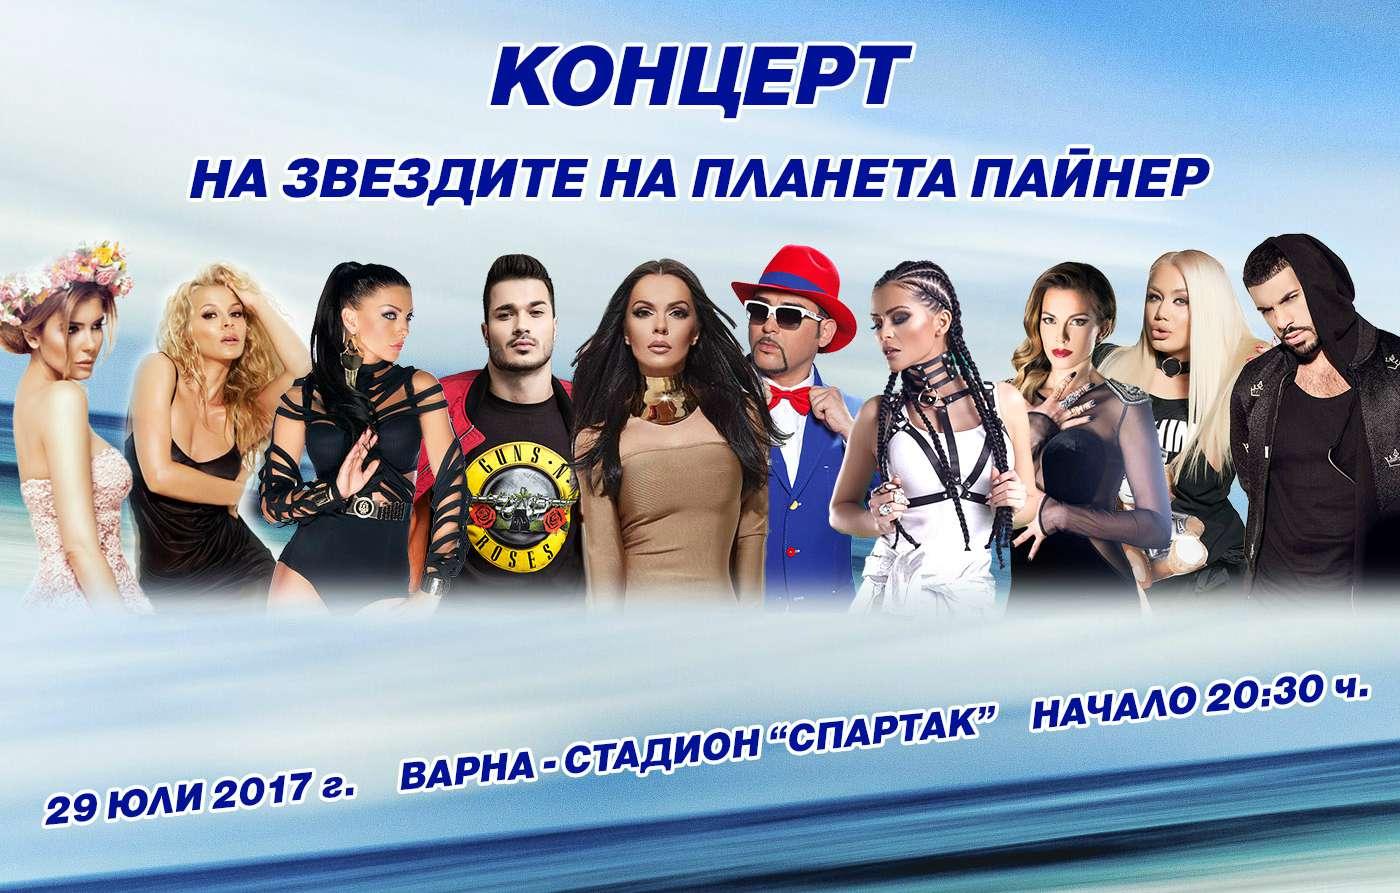 Хитовете на Лято 2017 звучат във Варна